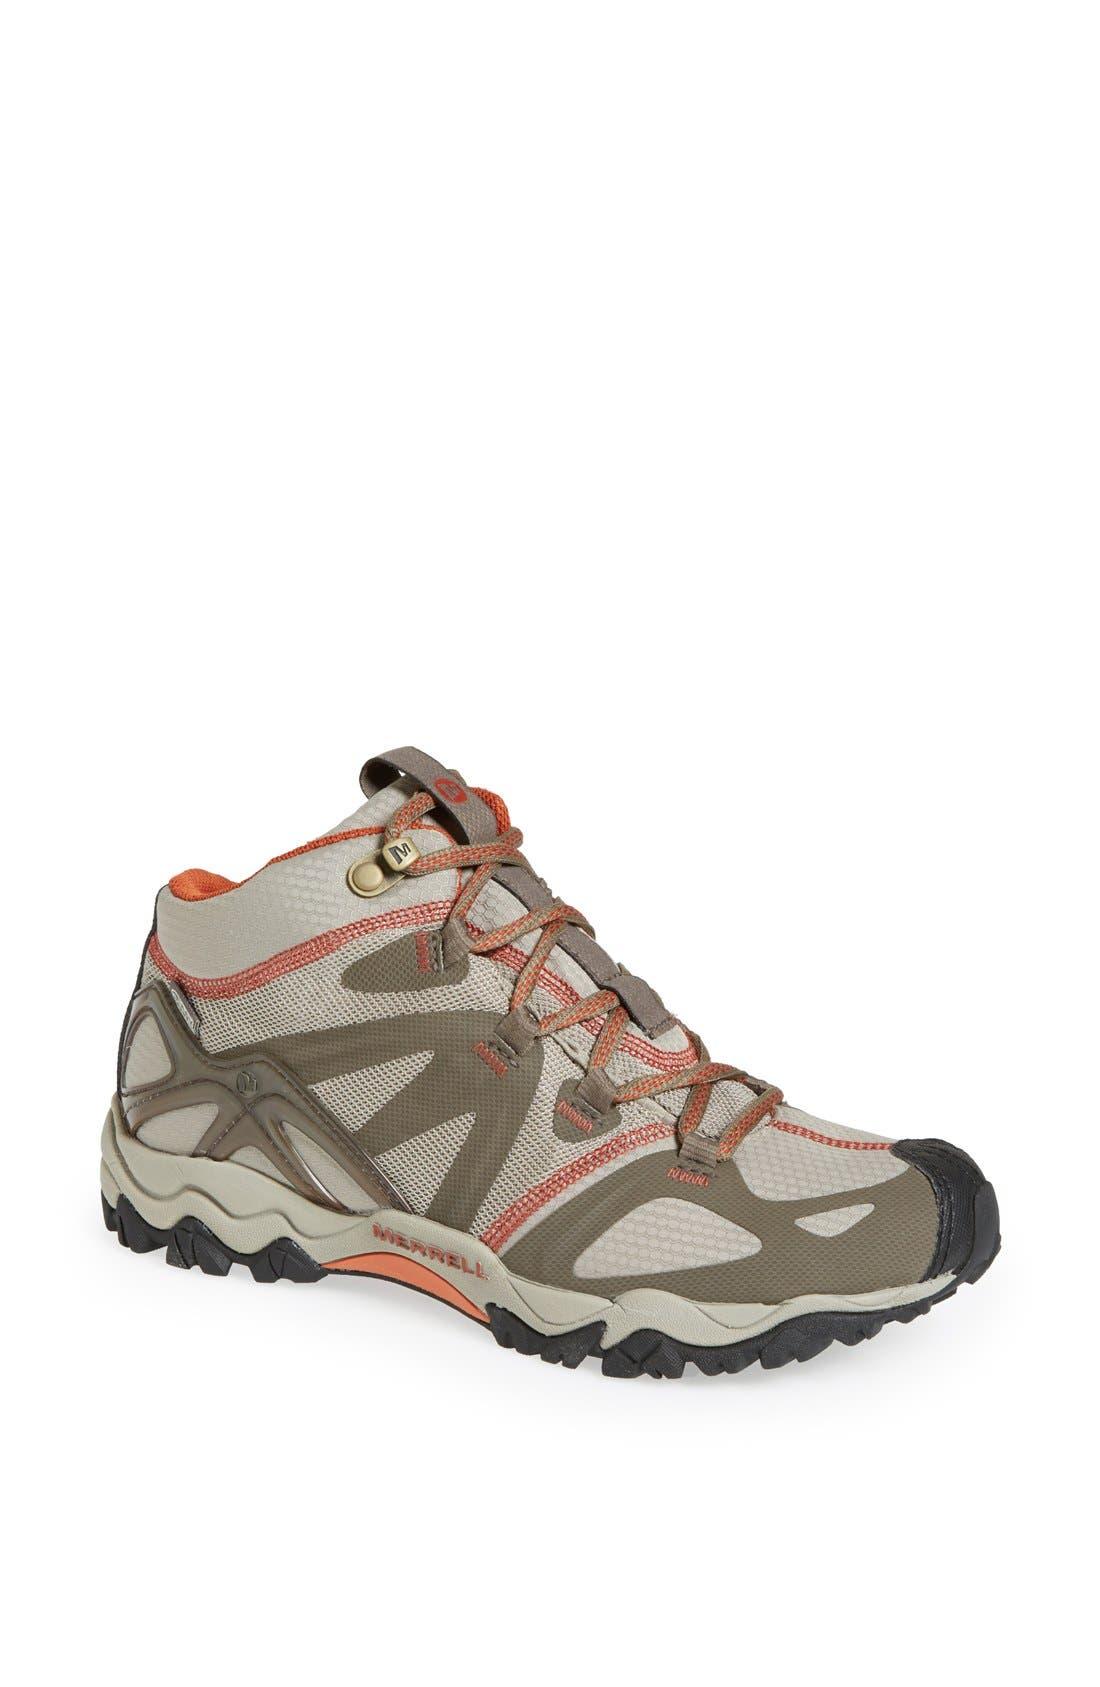 Main Image - Merrell 'Grassbow Sport - Mid' Waterproof Hiking Shoe (Women)